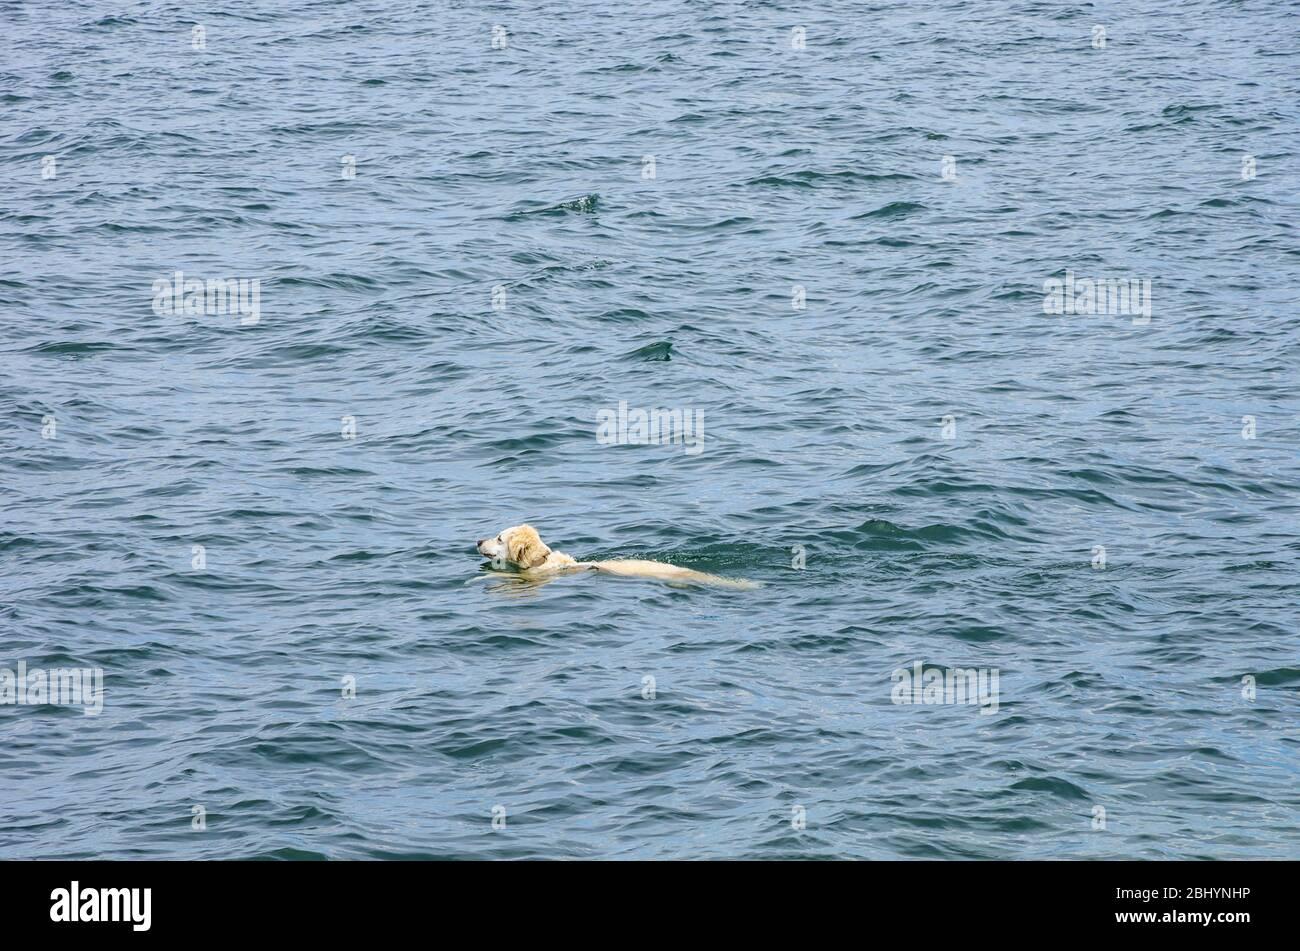 Ein Hund schwimmend über den See. Stockfoto